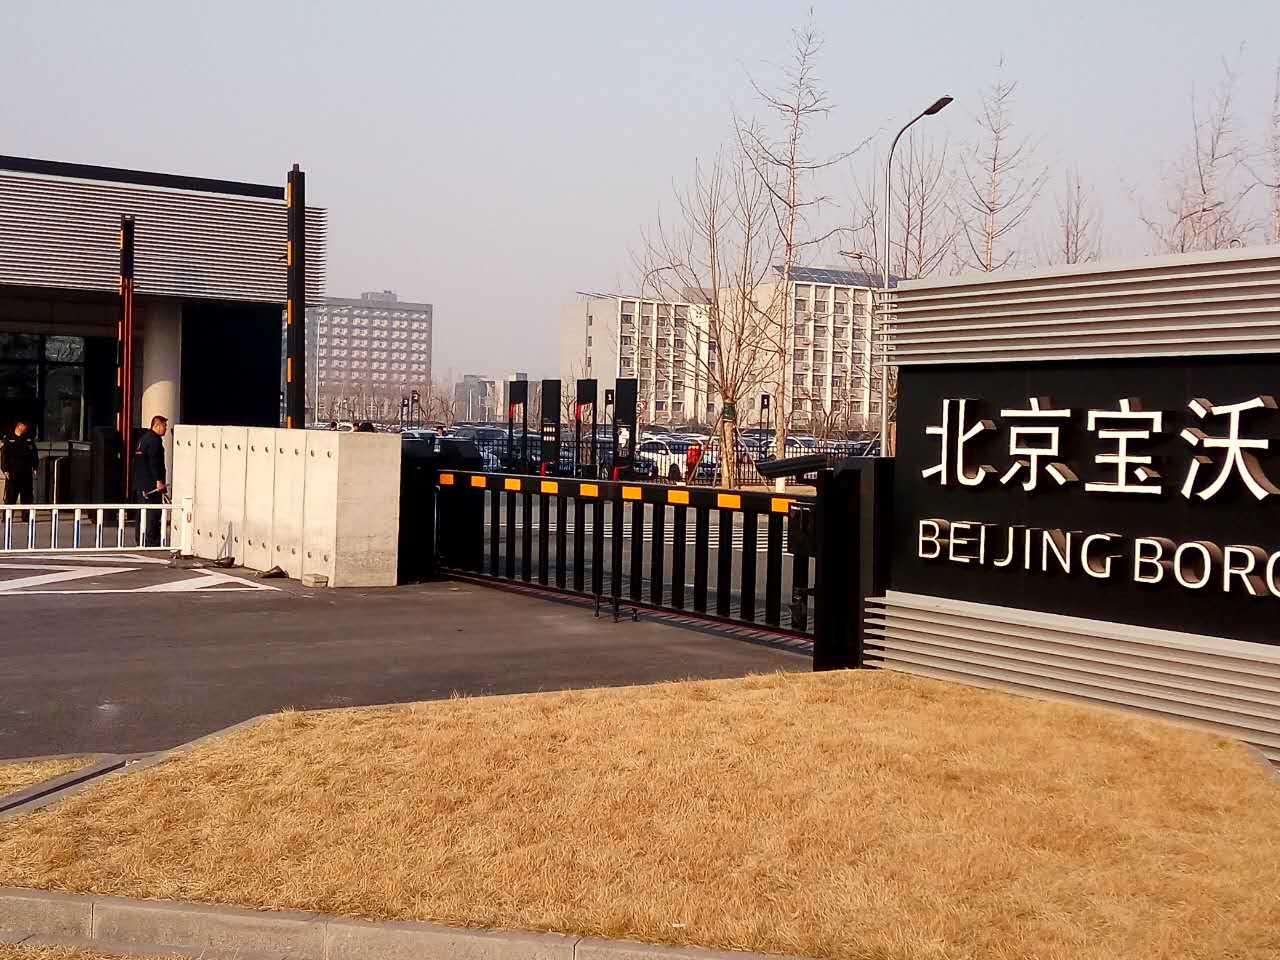 祝贺宝沃汽车公司在北京京红谷实业发展有限公司进行空降门,通道闸